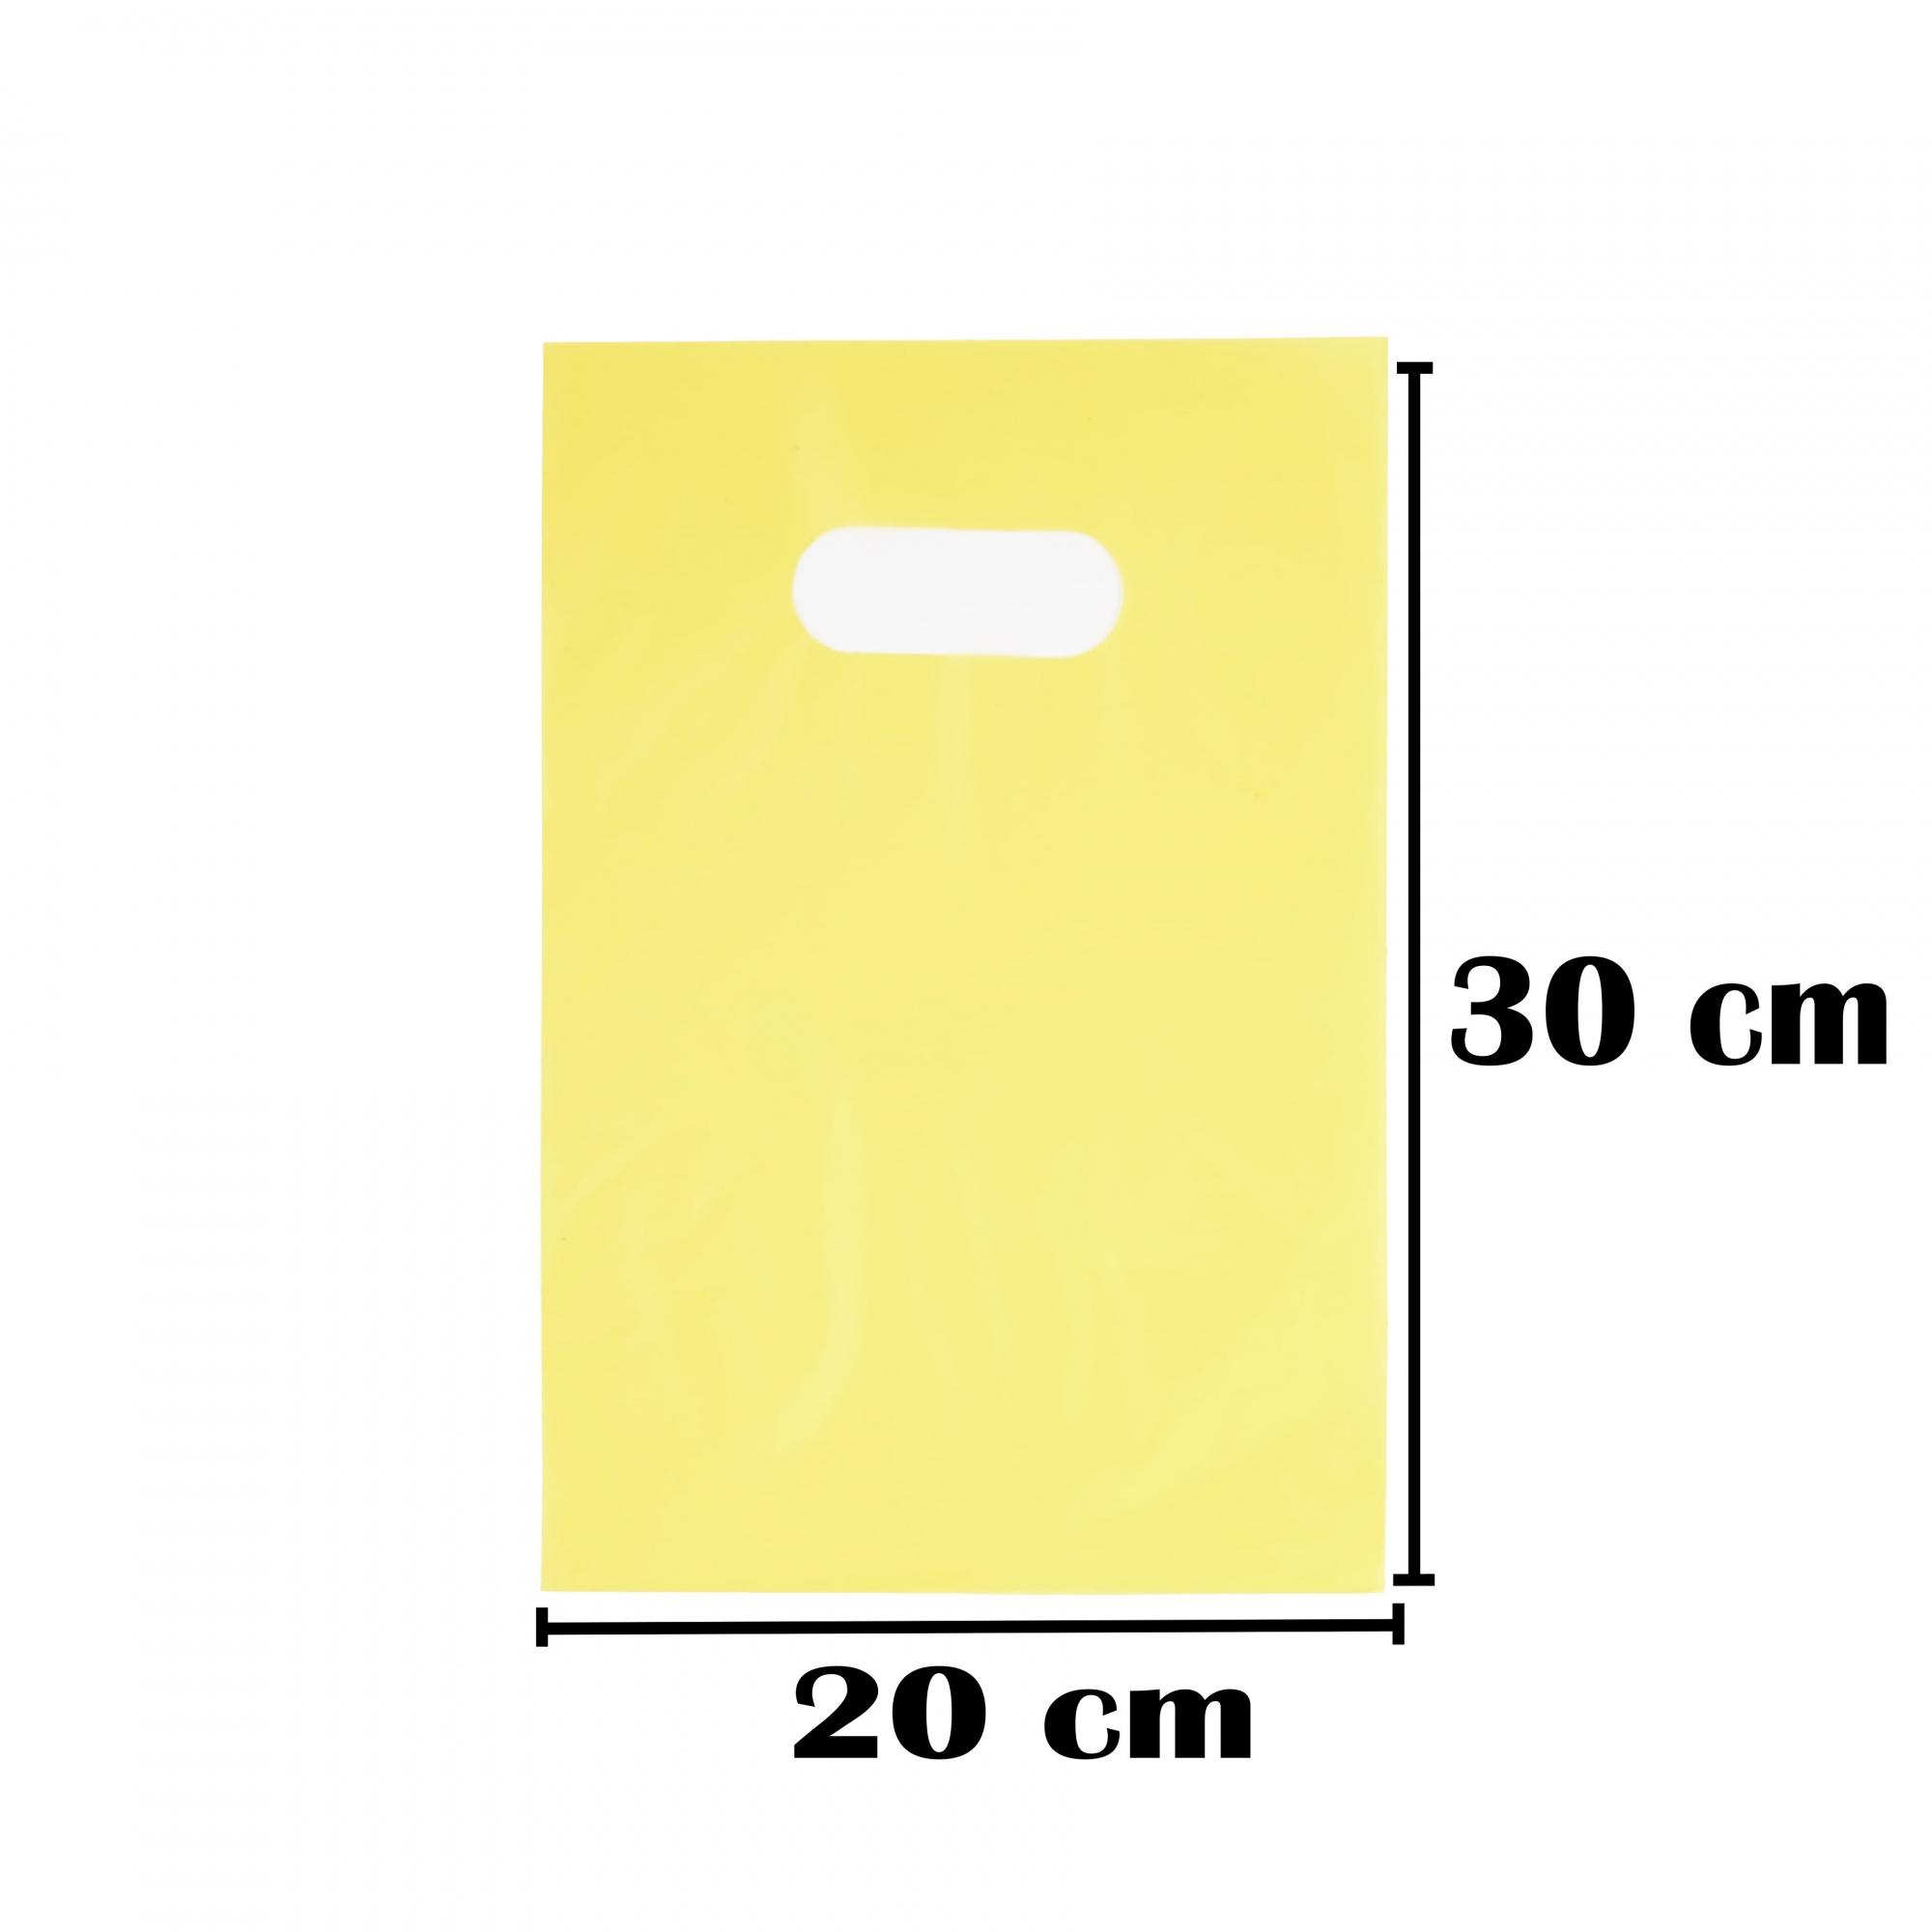 Sacola Plástica 20x30 Amarela Alça Boca de Palhaço 50 Unidades